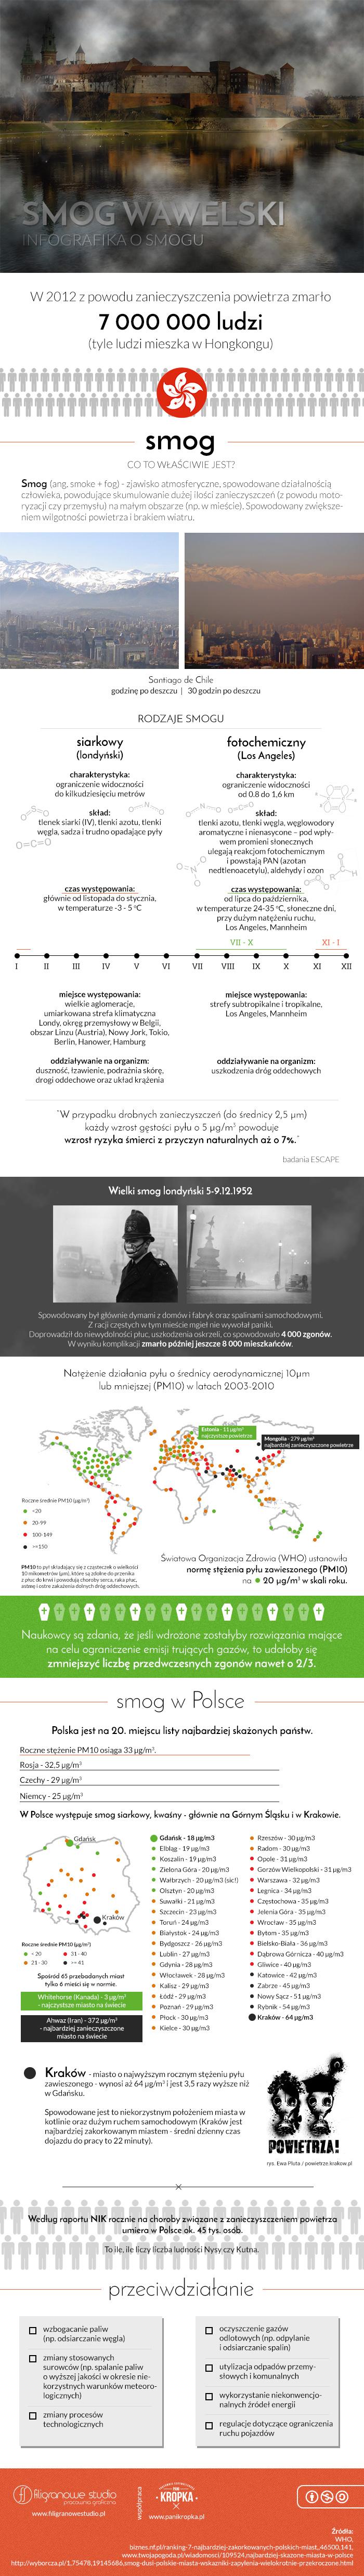 info_smog